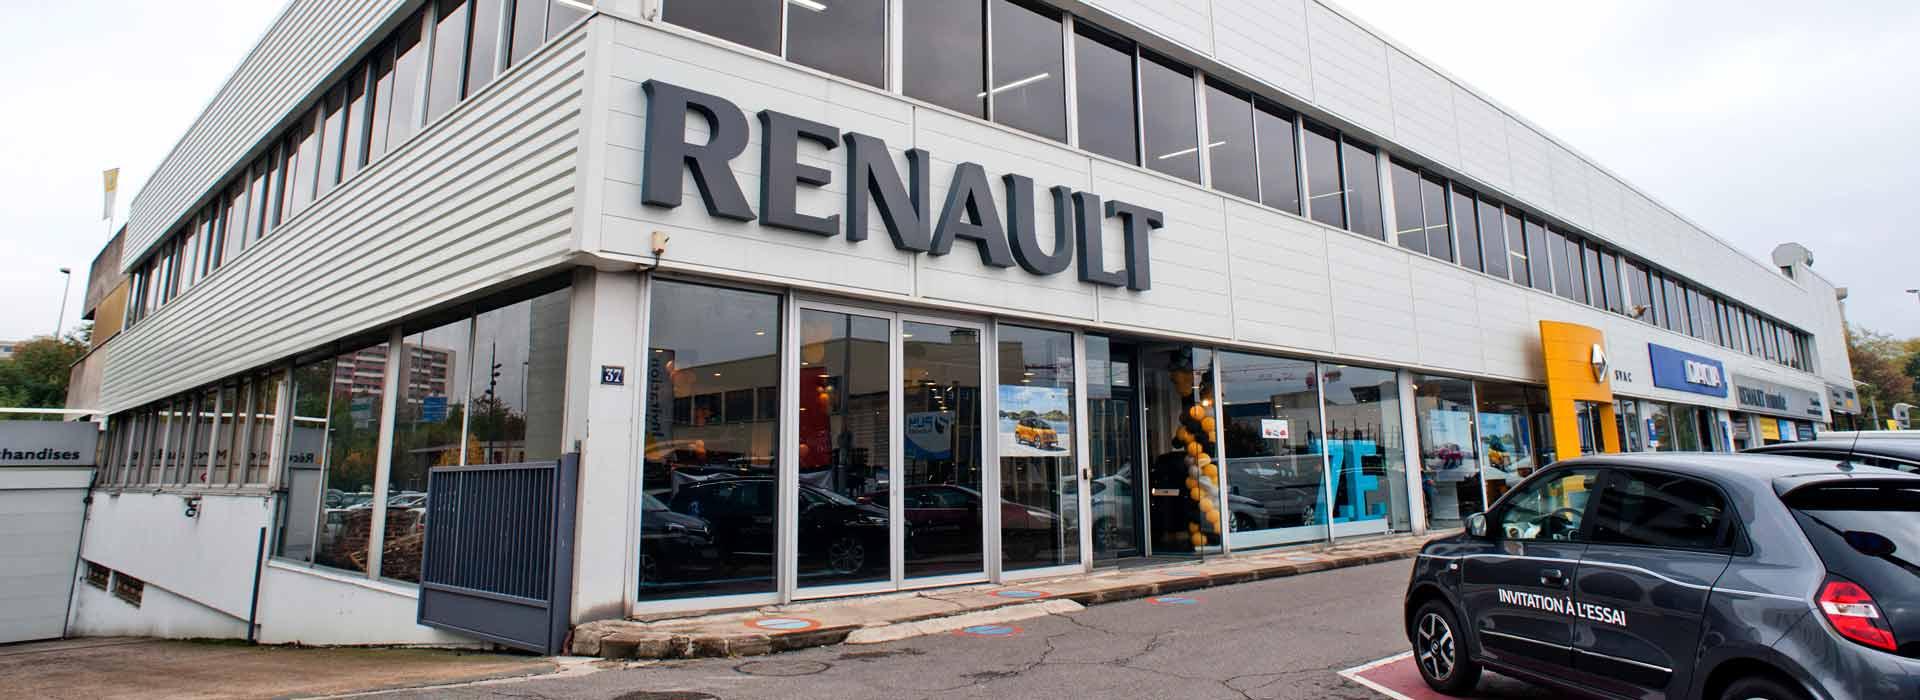 renault creteil concessionnaire garage val de marne 94. Black Bedroom Furniture Sets. Home Design Ideas